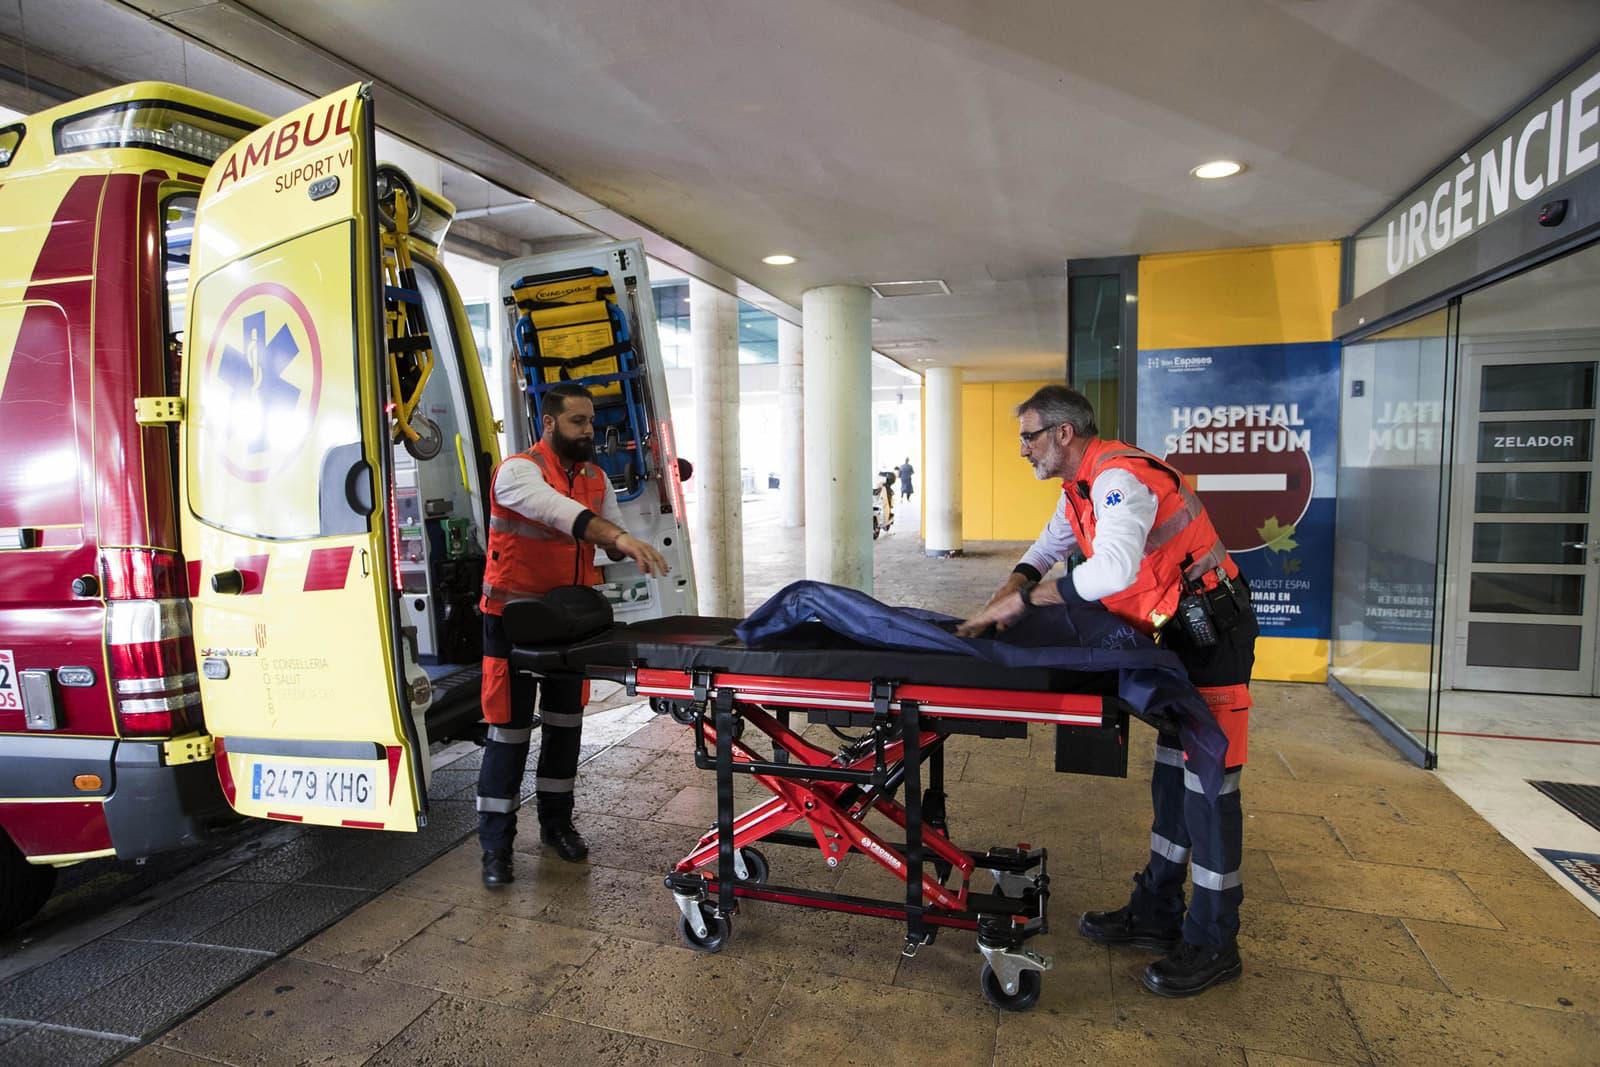 Trasllat d'un pacient que ha donat positiu en coronavirus a l'hospital Son Espases de Palma. Fotografia d'AFP.